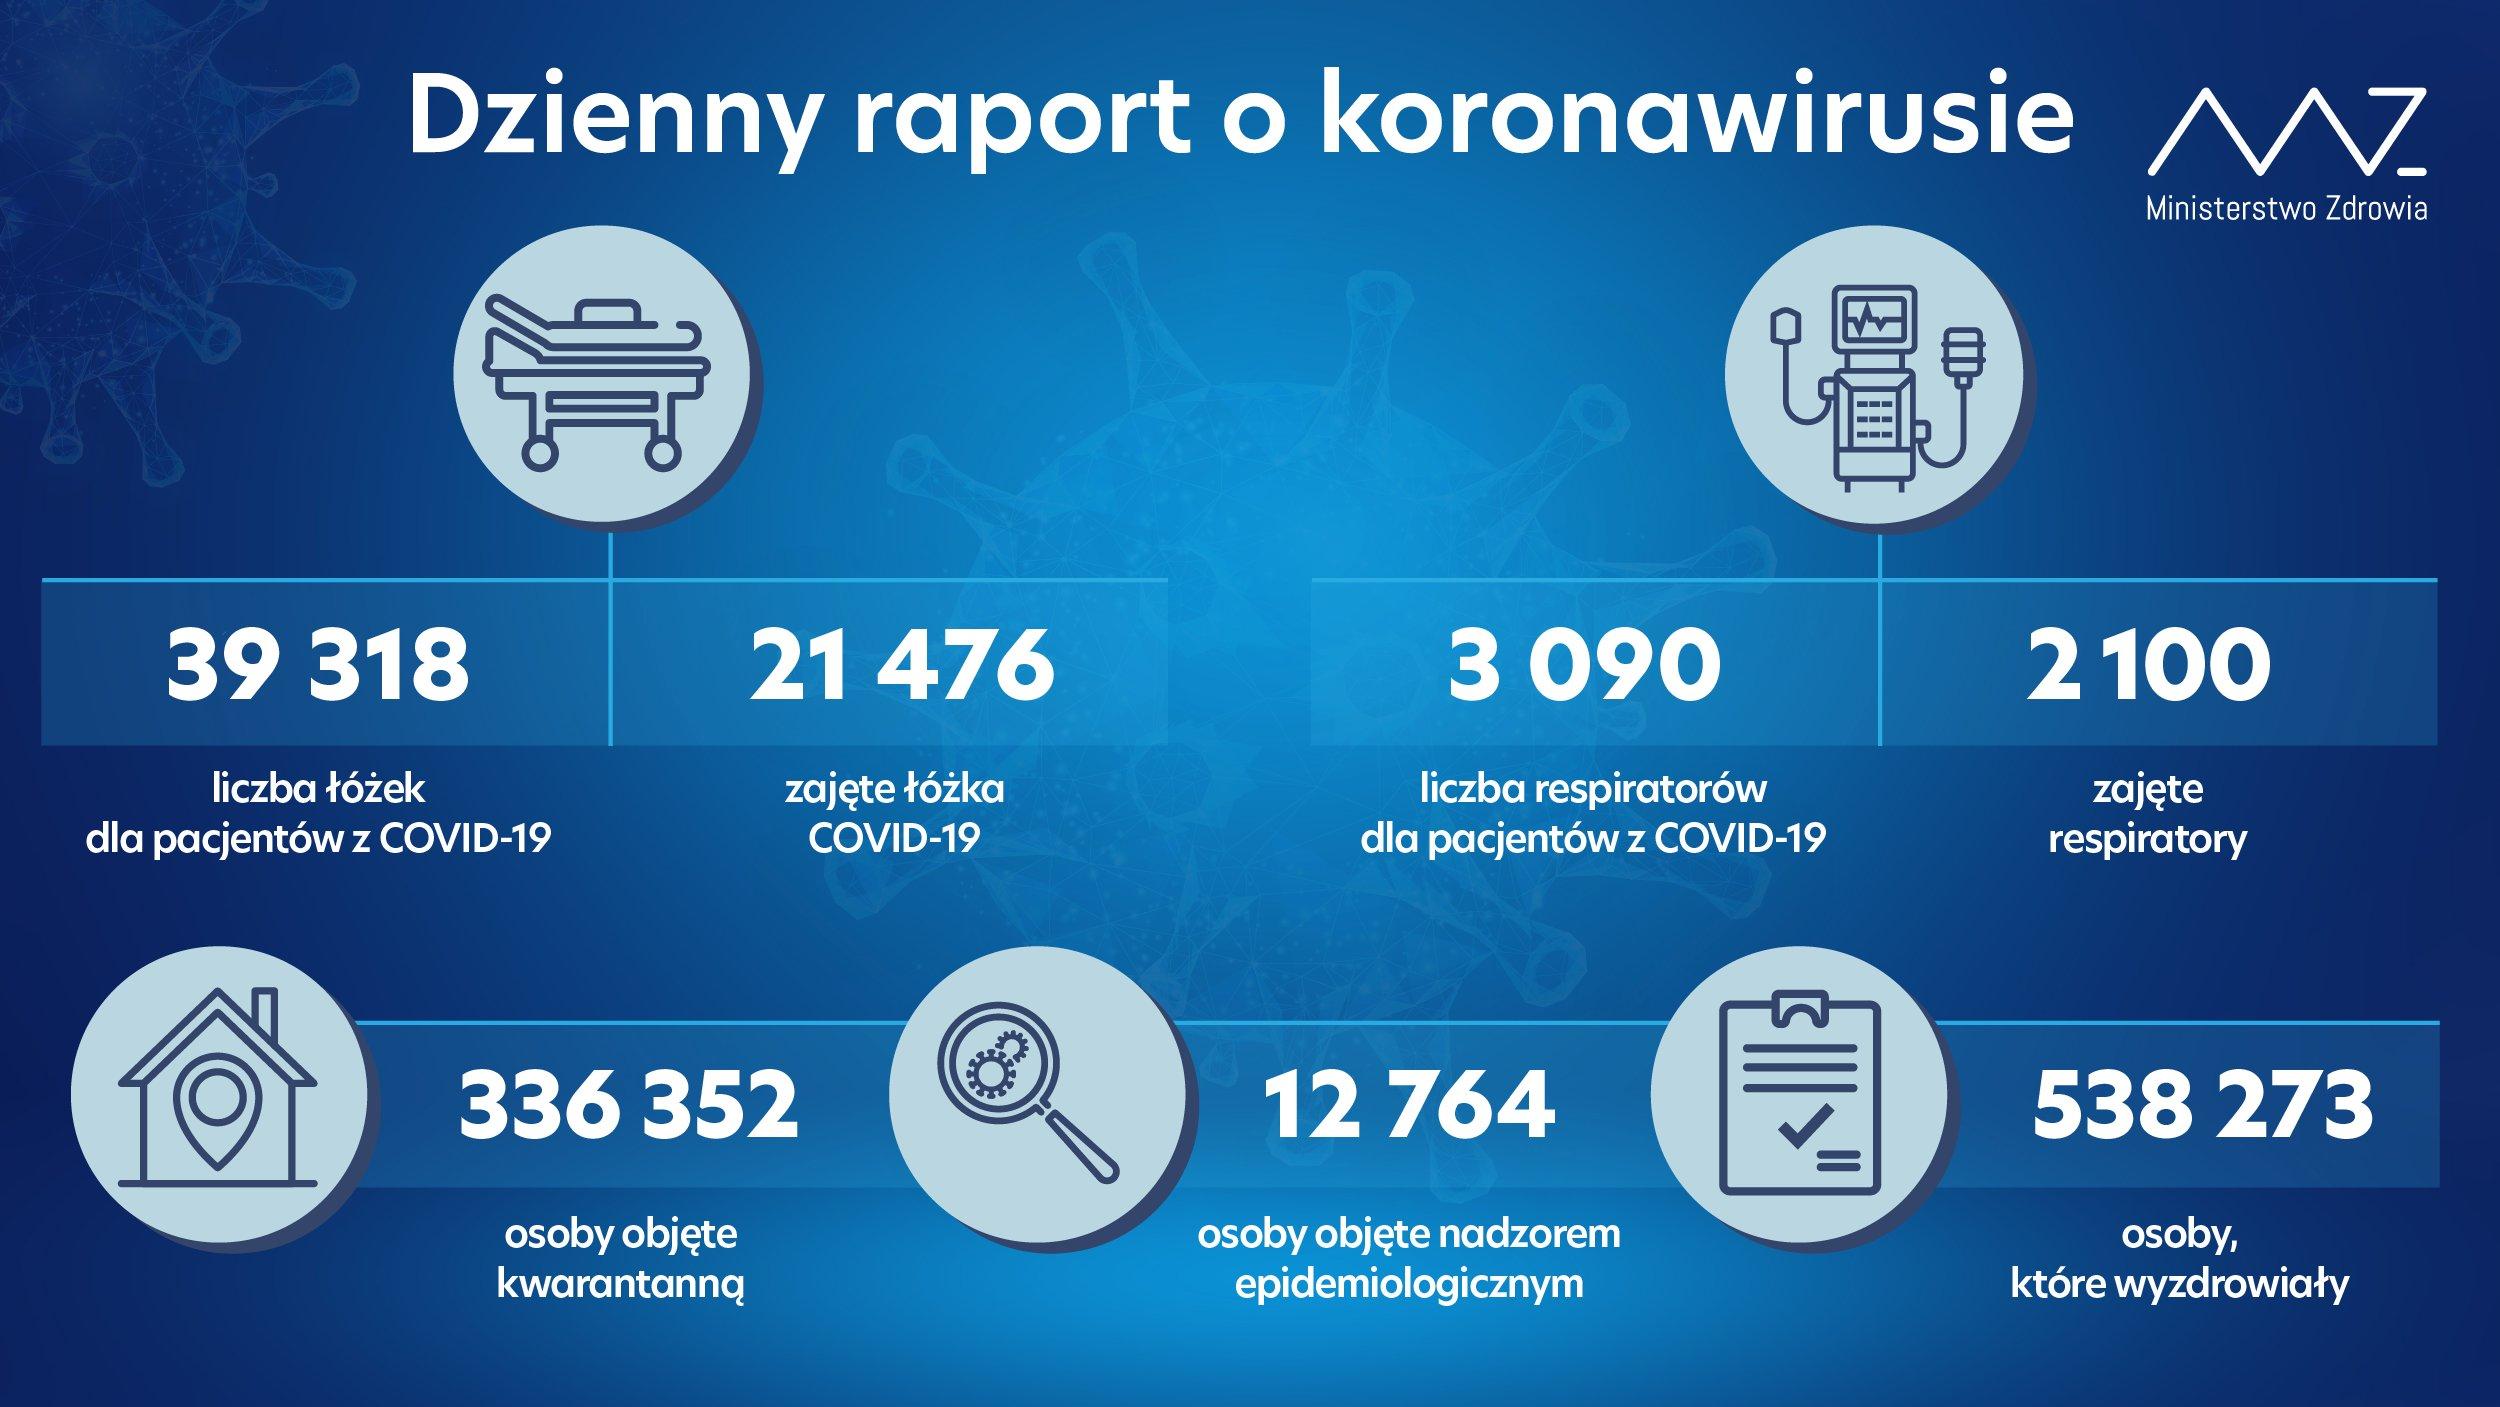 - liczba łóżek dla pacjentów z COVID-19: 39 318 - liczba łóżek zajętych: 21 476 - liczba respiratorów dla pacjentów z COVID-19: 3 090 - liczba zajętych respiratorów: 2 100 - liczba osób objętych kwarantanną: 336 352 - liczba osób objętych nadzorem sanitarno-epidemiologicznym: 12 764 - liczba osób, które wyzdrowiały: 538 273